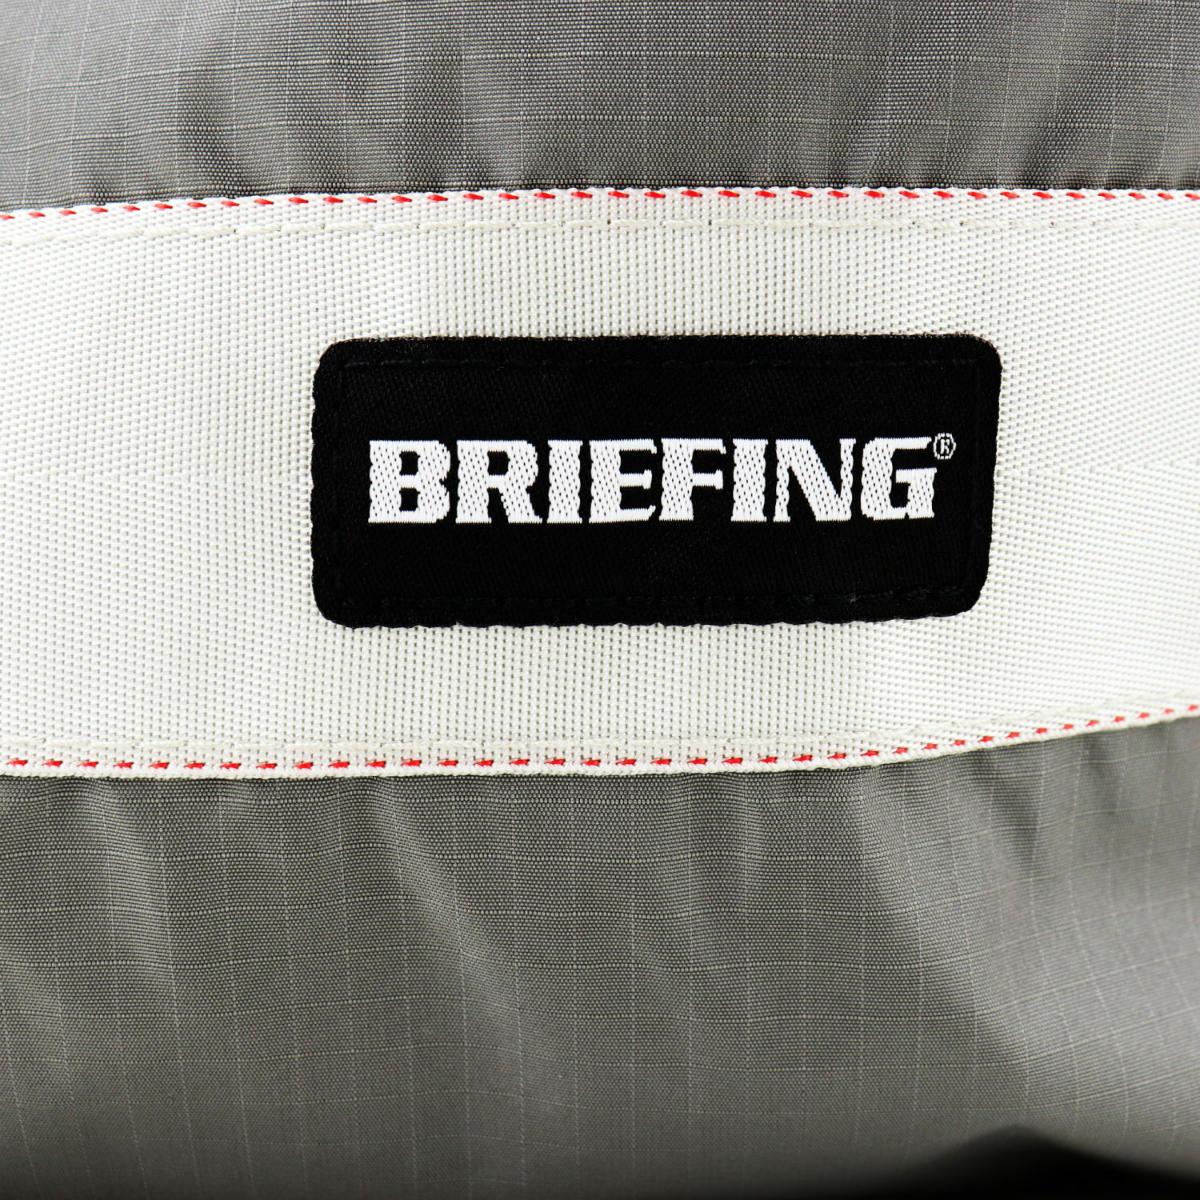 ブリーフィングゴルフ BRIEFING GOLF VIROBLOCK DRAWSTRING POUCH S ドローストリングポーチ 100D RIPSTOP NYLON SERIES BRG211G23 BRG 015 L.GRAY(グレー) 春夏新作